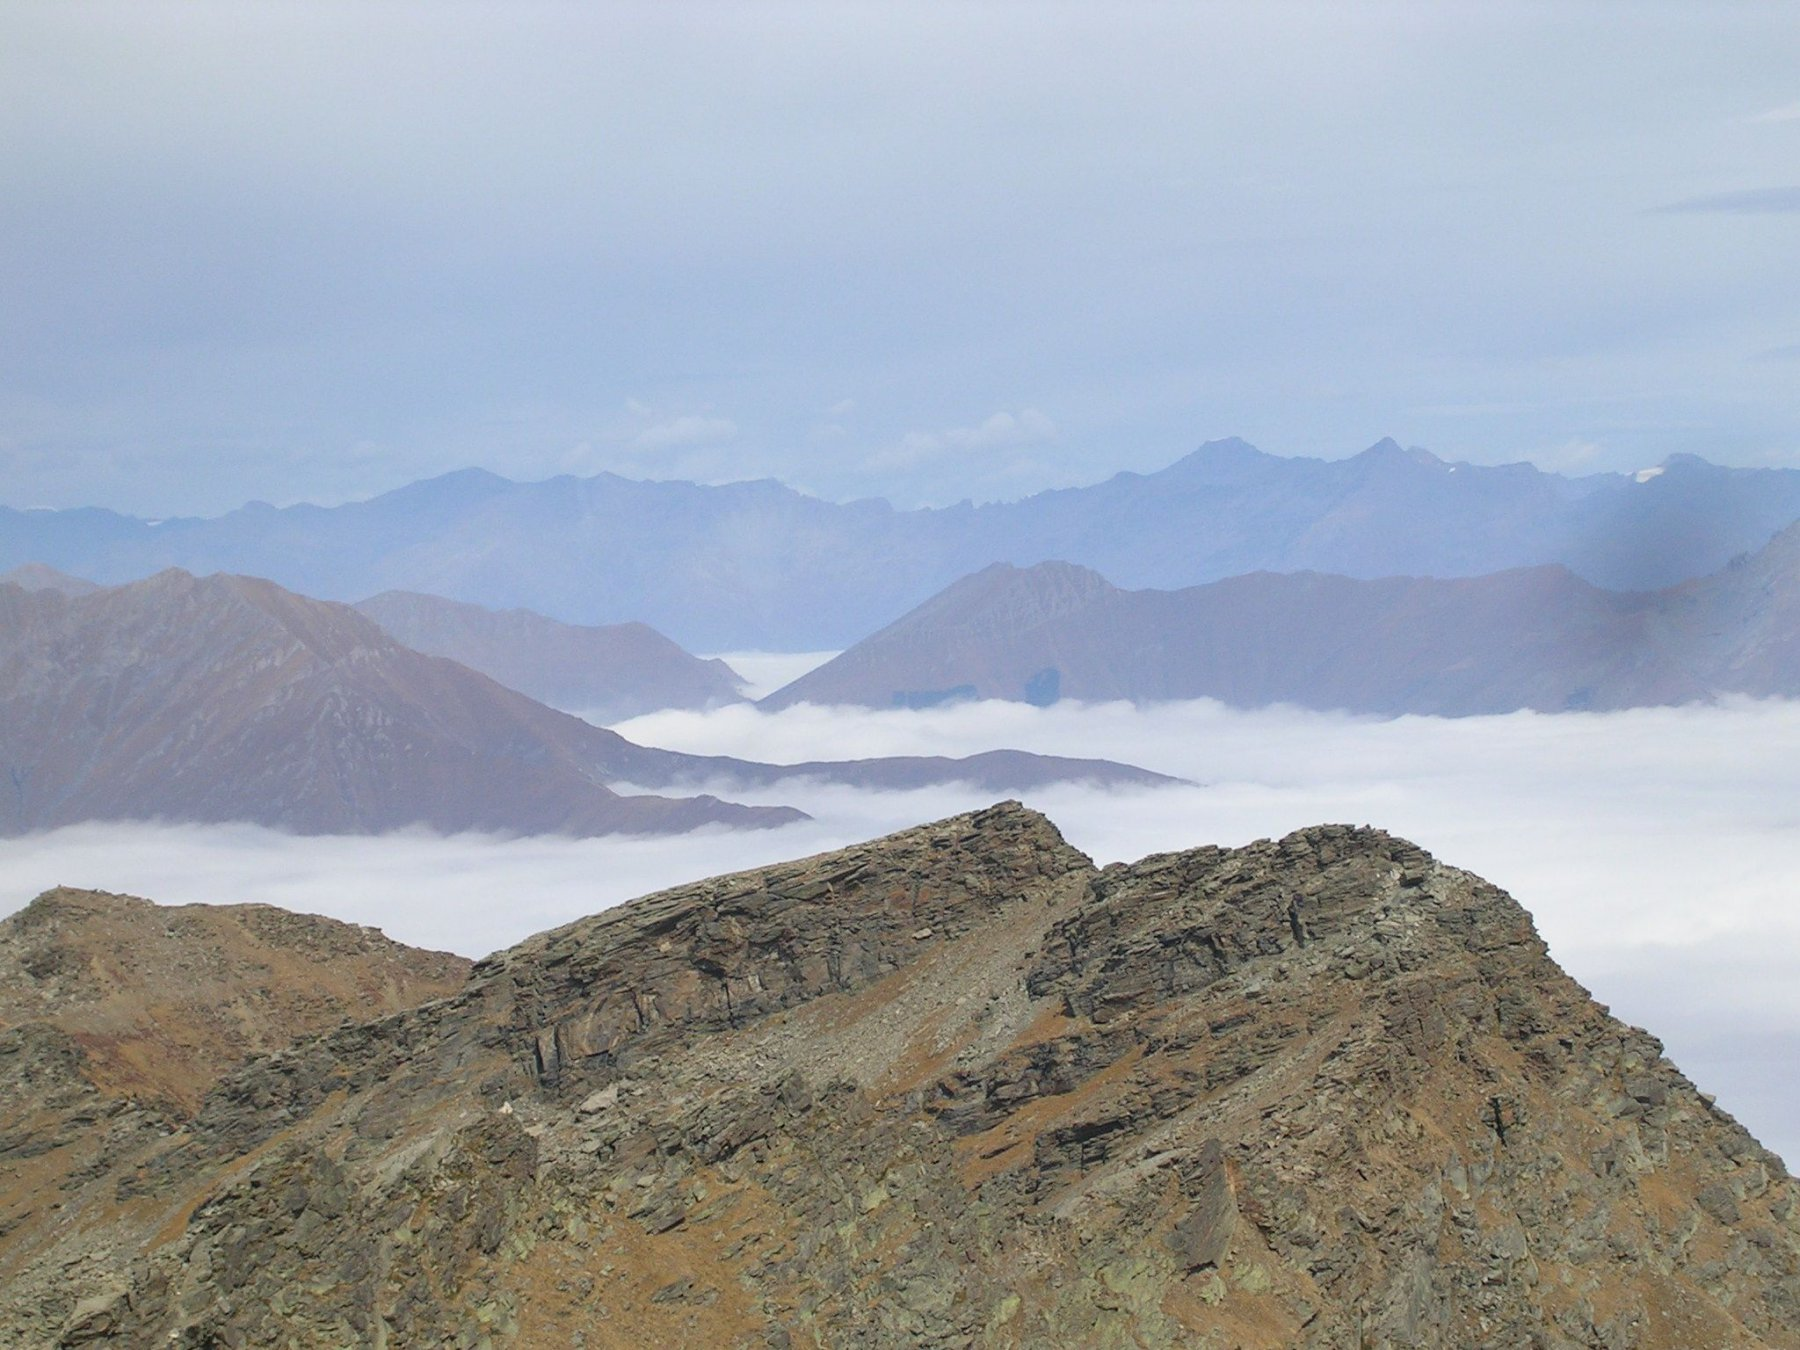 Il mare di nuvole evidenzia tre valli: Germanasca, Chisone, Susa. Il colle delle finestre separa la val Chisone dalla valle di Susa.